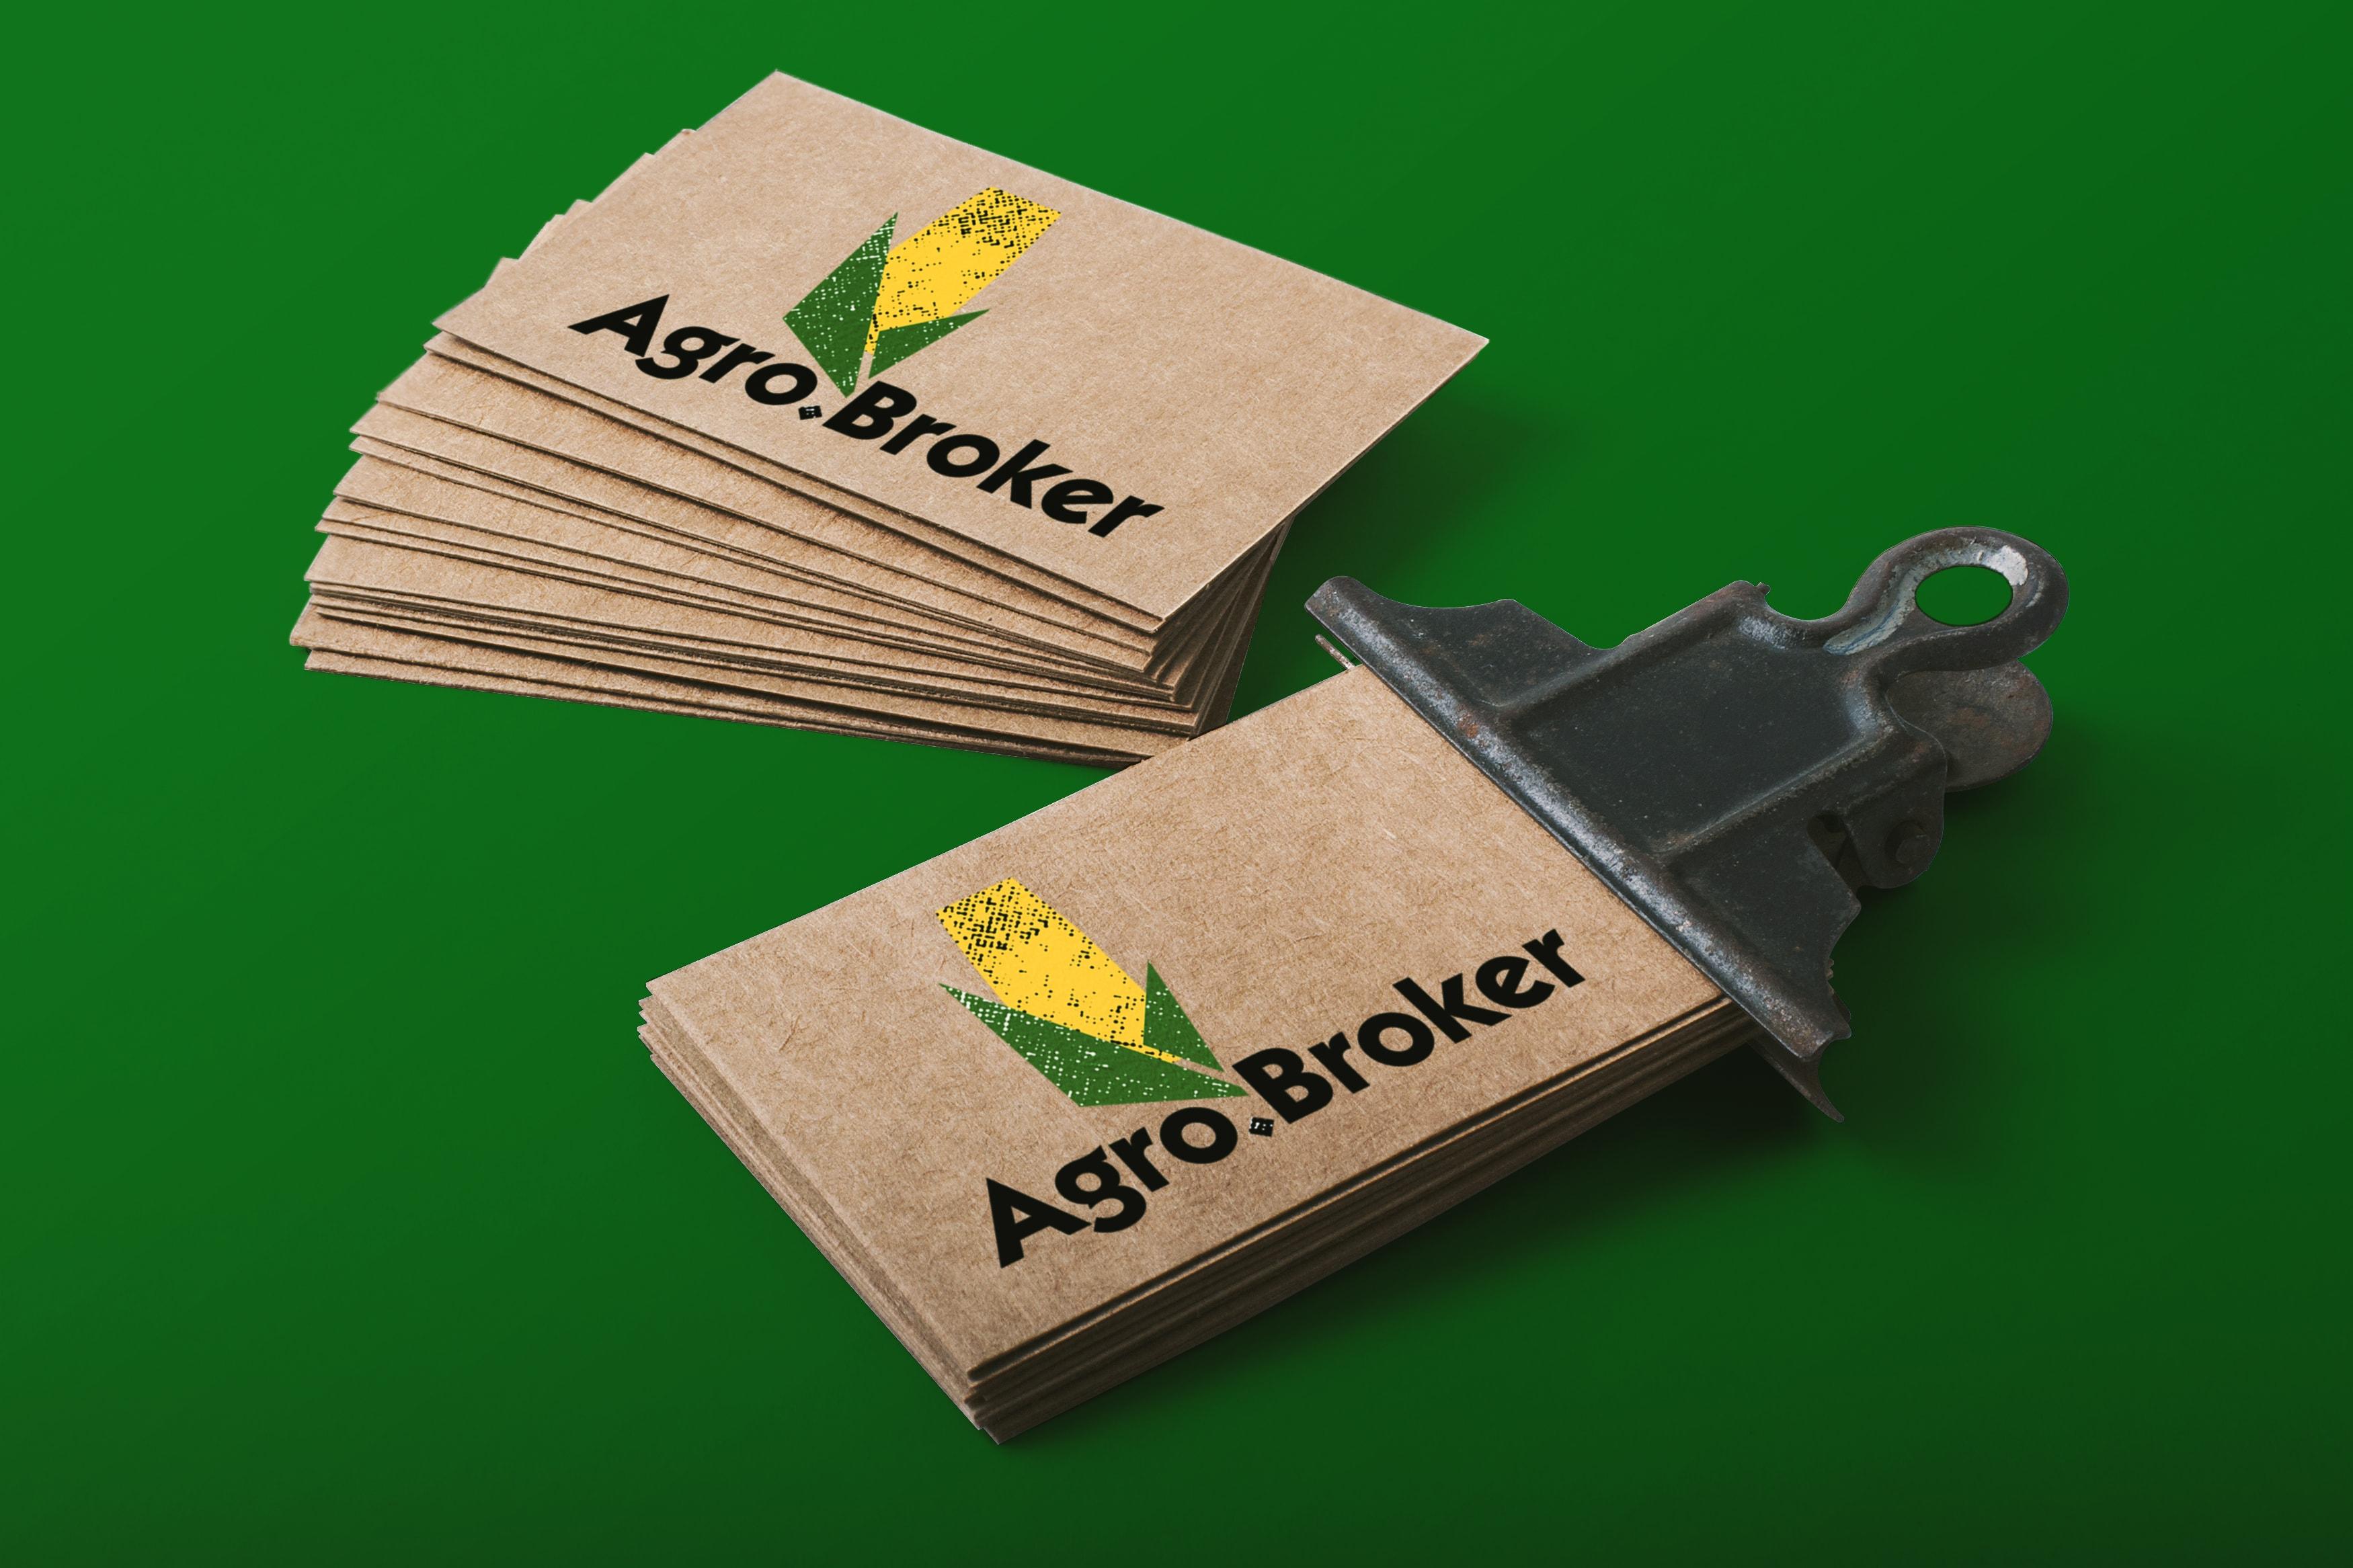 ТЗ на разработку пакета айдентики Agro.Broker фото f_1735971dee459526.jpg